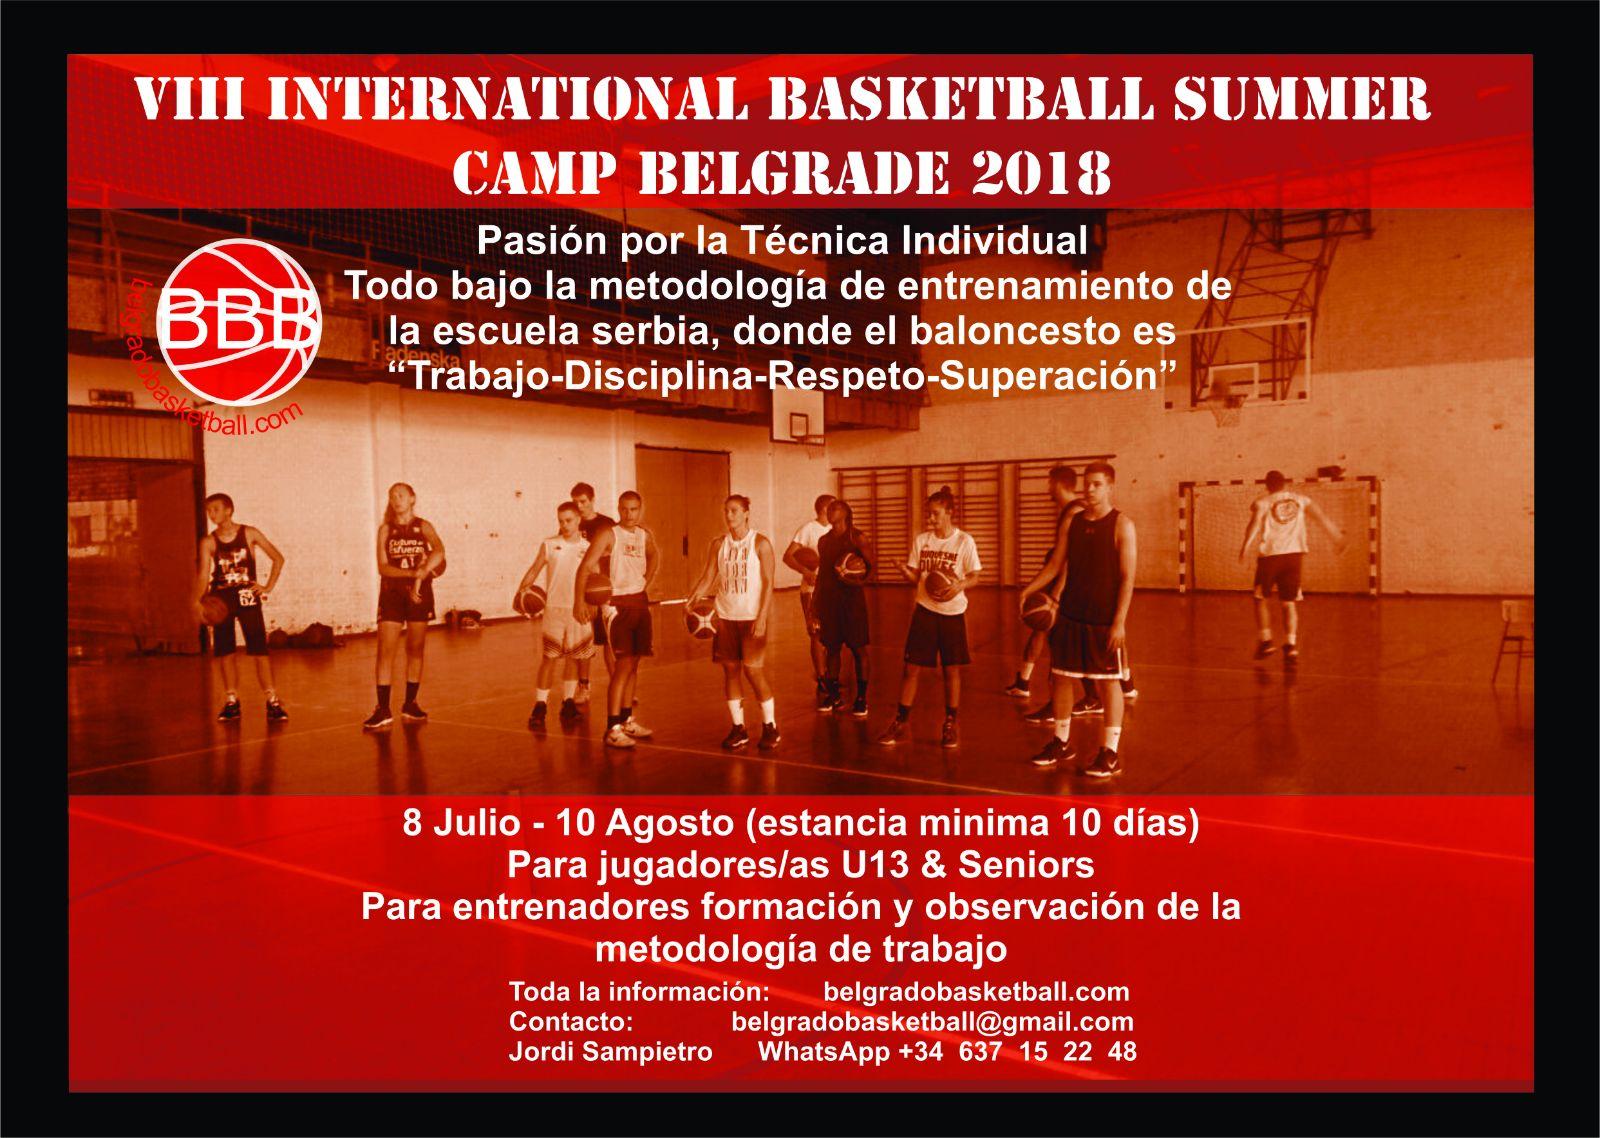 7fd3682b 2ab2 4418 bd07 0f42874ed1a6 - EJERCICIOS DE BOTE y REVERSO de Belgrado Basketball